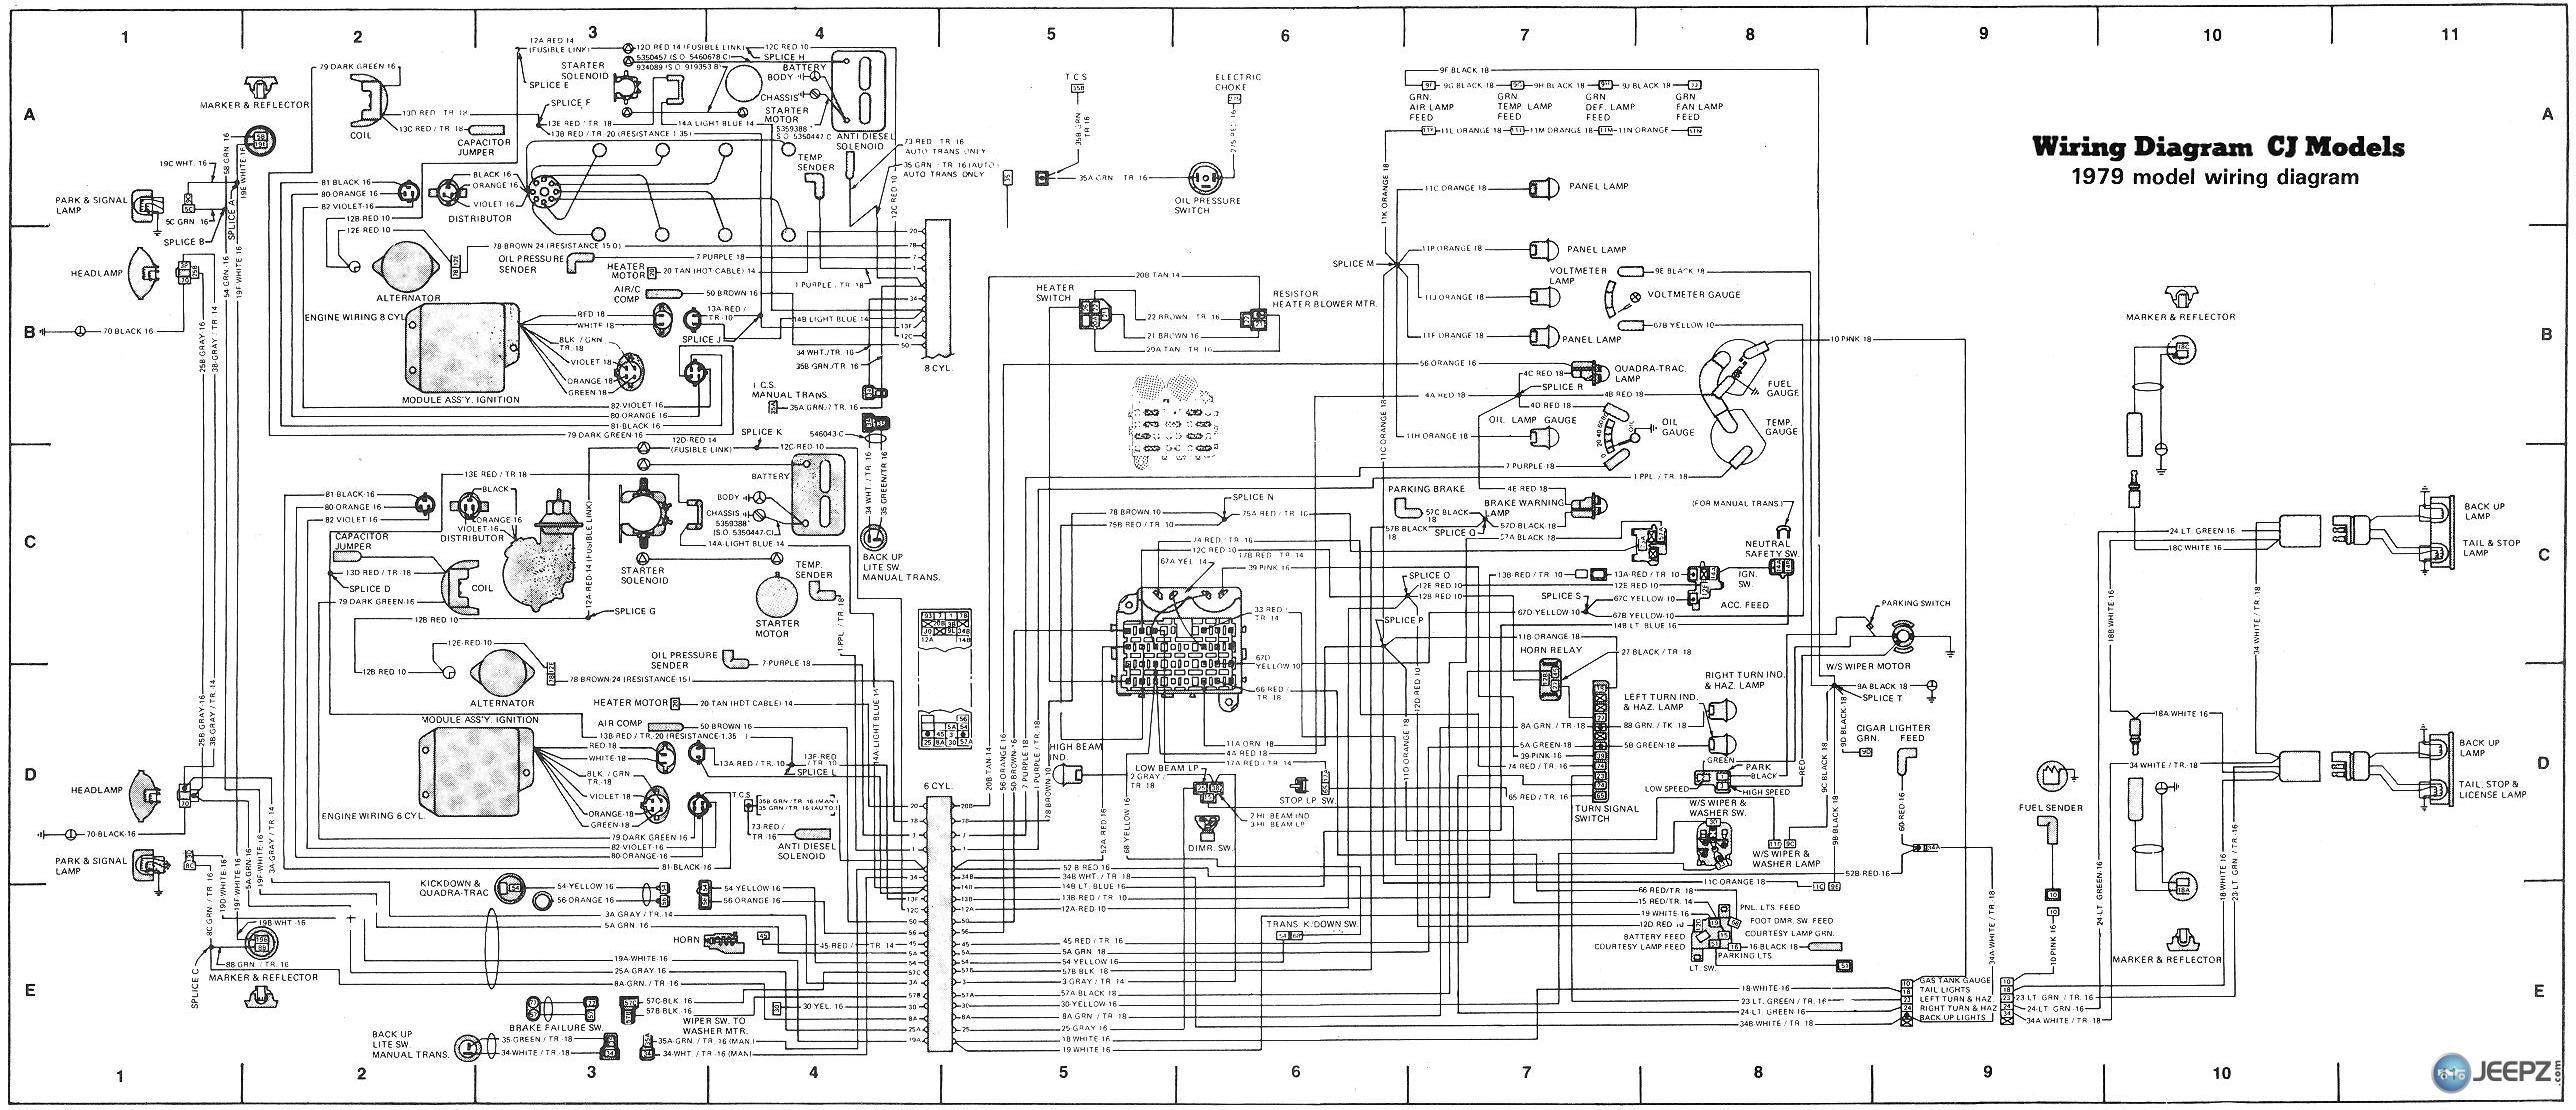 cj headlight wiring colors  jeepz.com